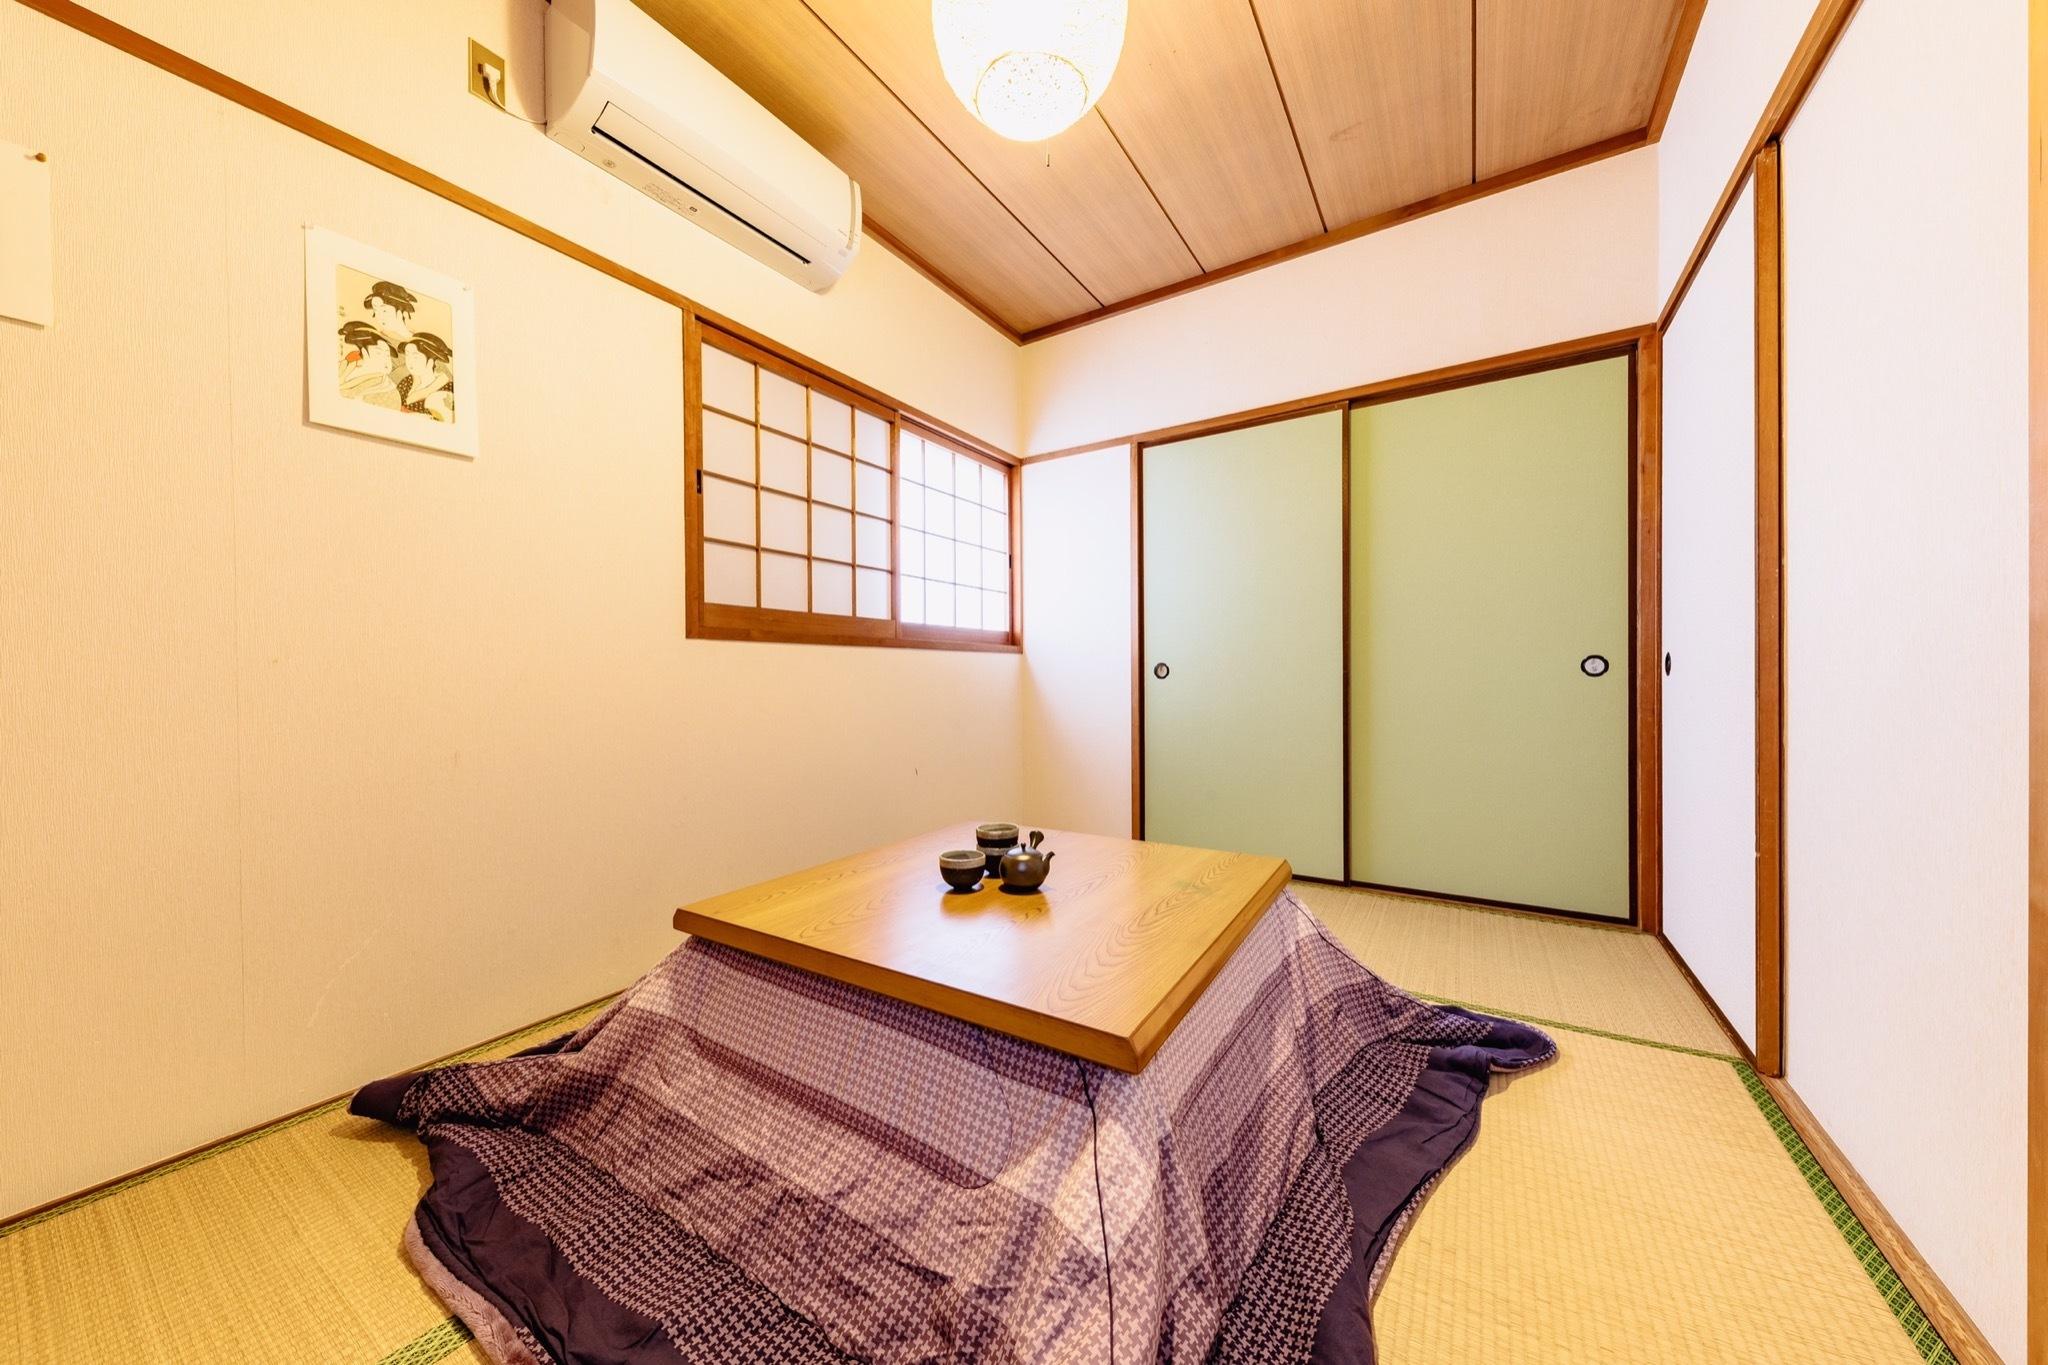 綺麗な和室で日本式を経験できます